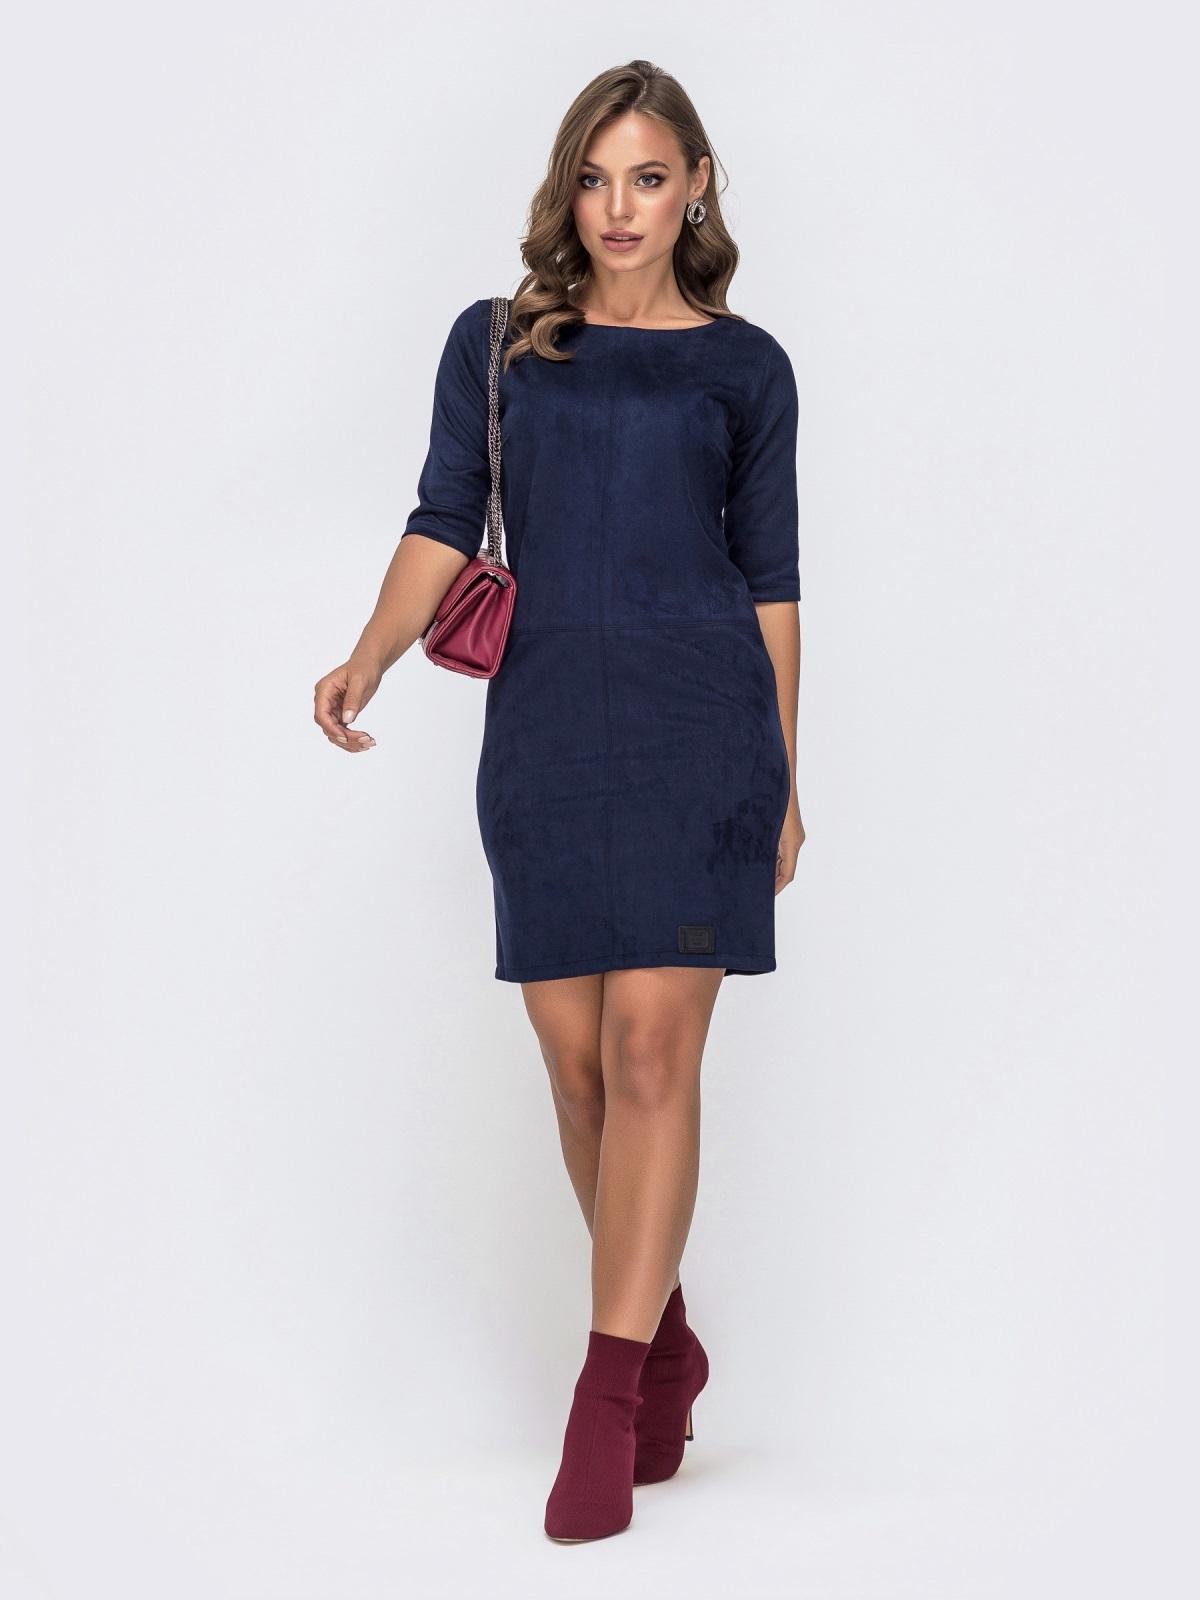 Тёмно-синее платье с замшевым напылением 41319, фото 1